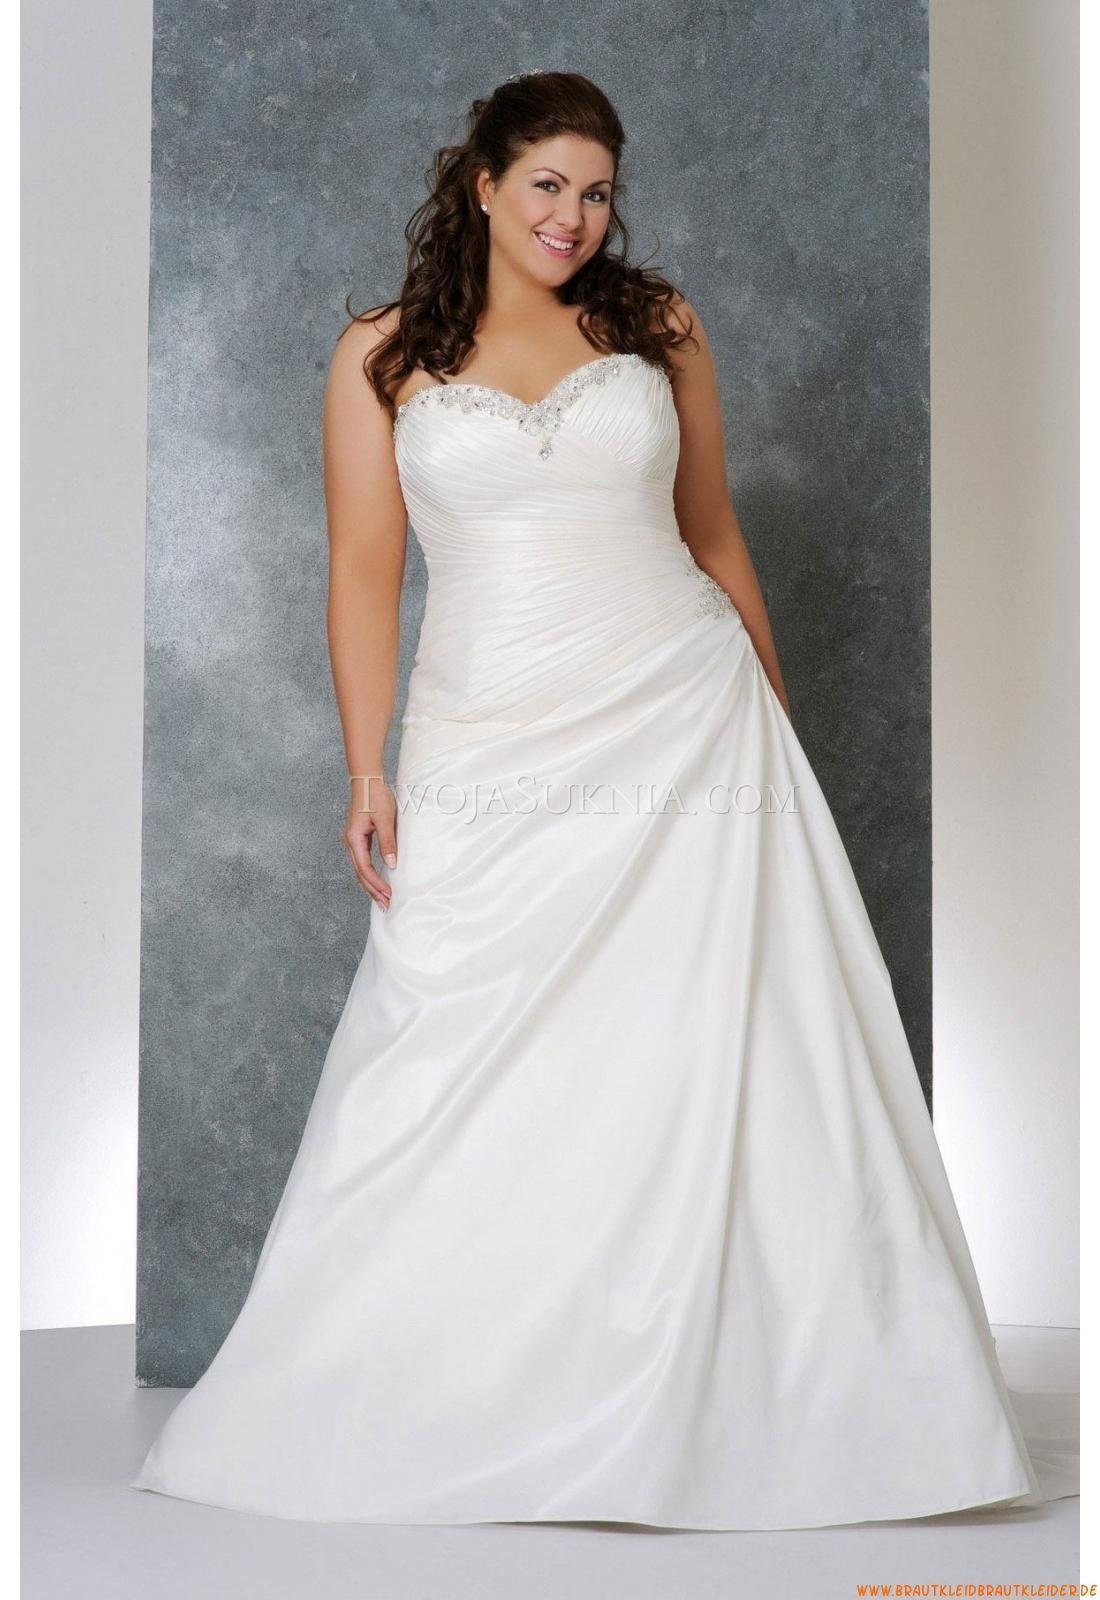 Schnürung Günstige Brautkleider | populär Brautkleider | Pinterest ...